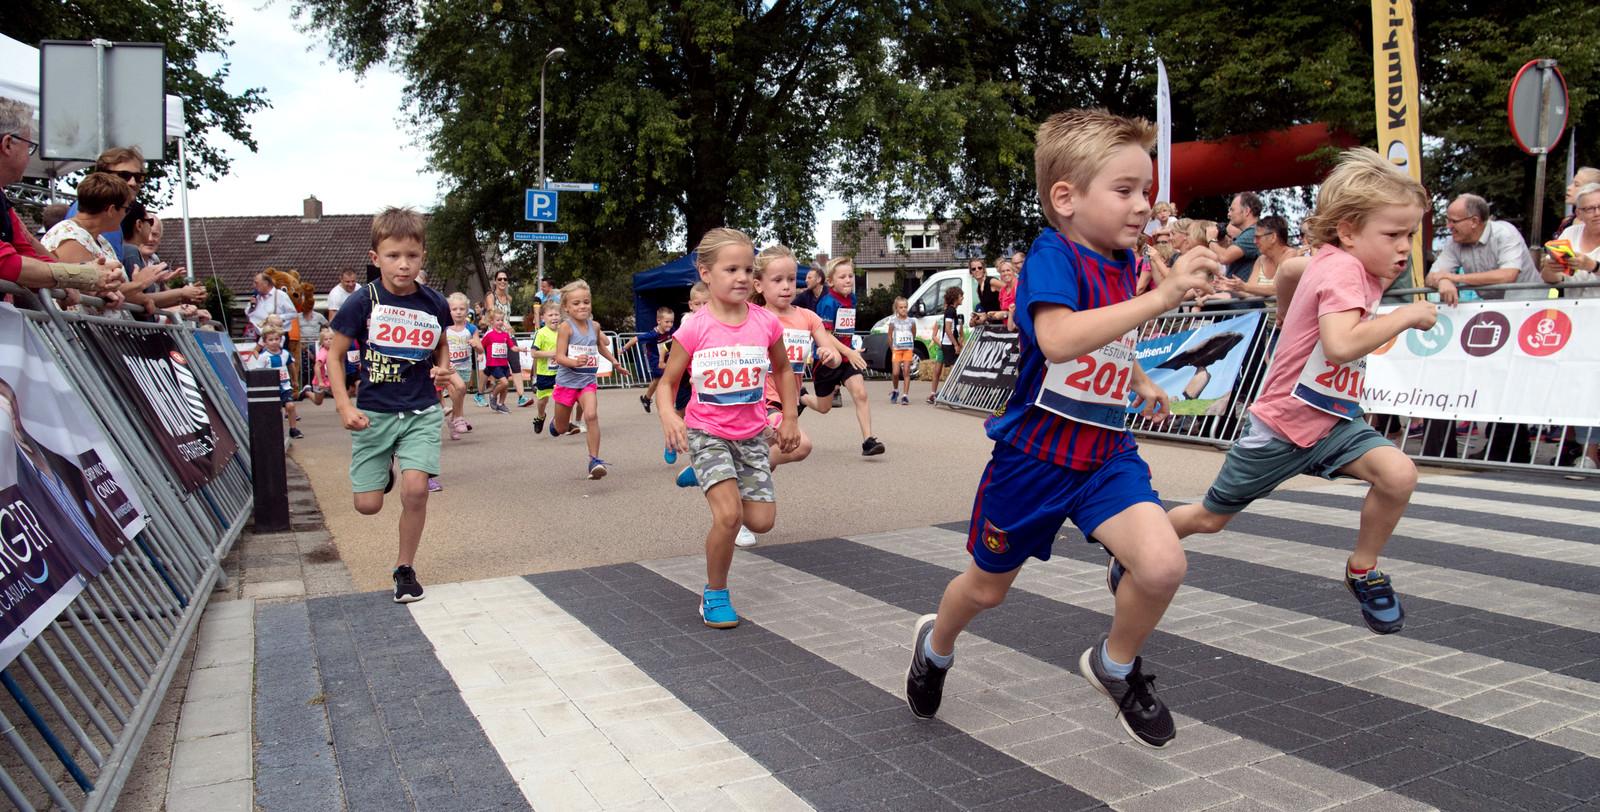 Kinderen spurten naar de finish tijdens het Plinq Loopfestijn Dalfsen in 2018.